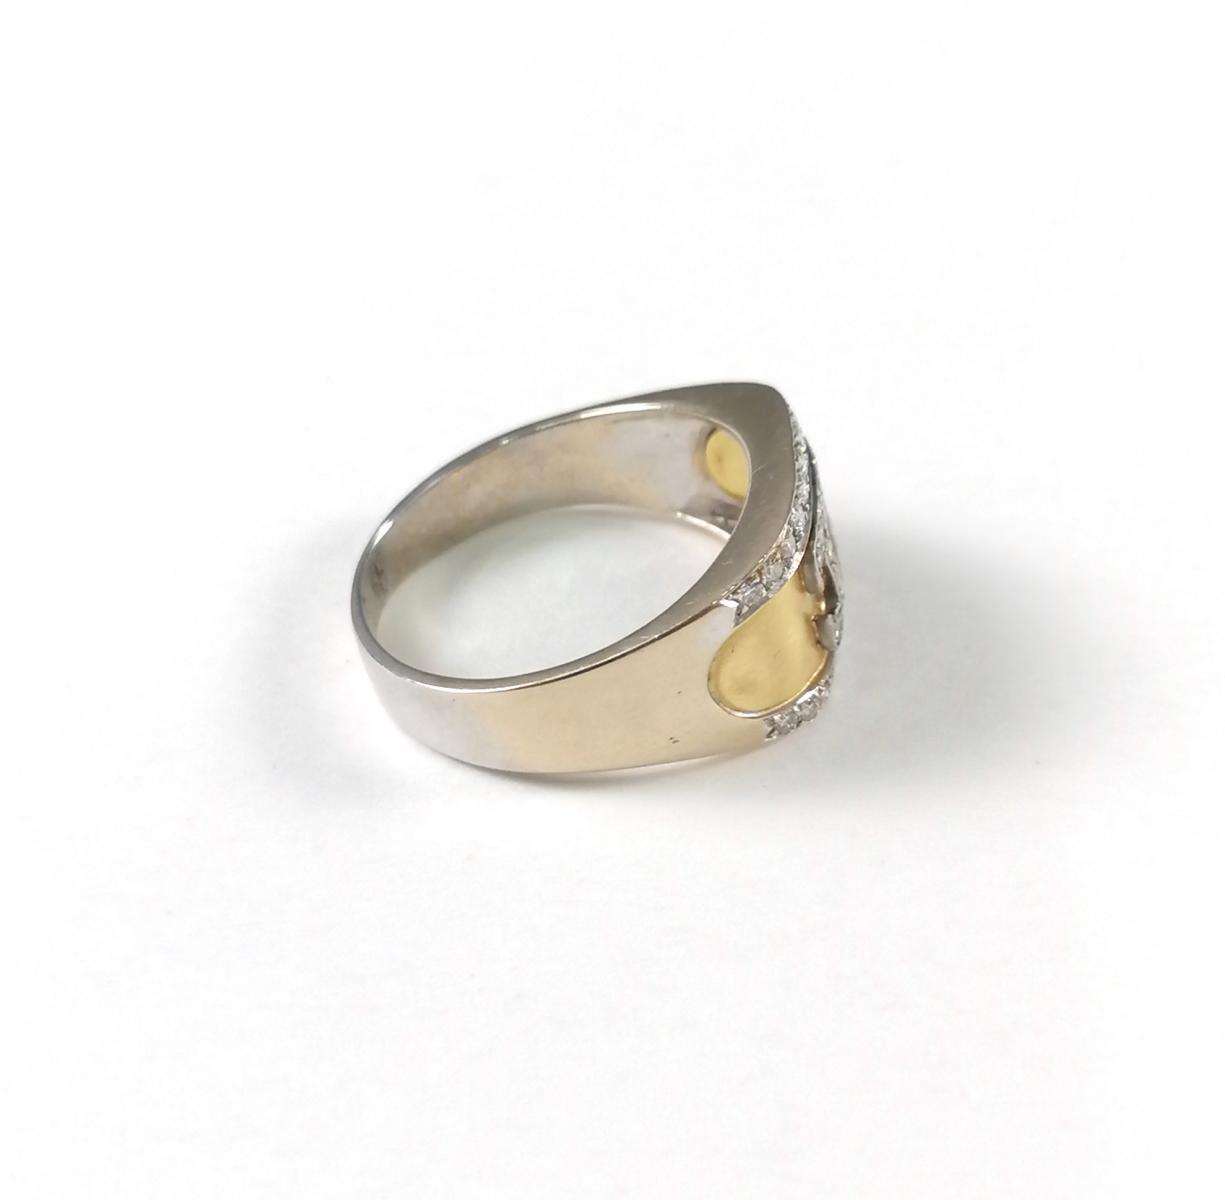 18 Karat Goldring mit Diamanten und Monogramm 'JR'-3